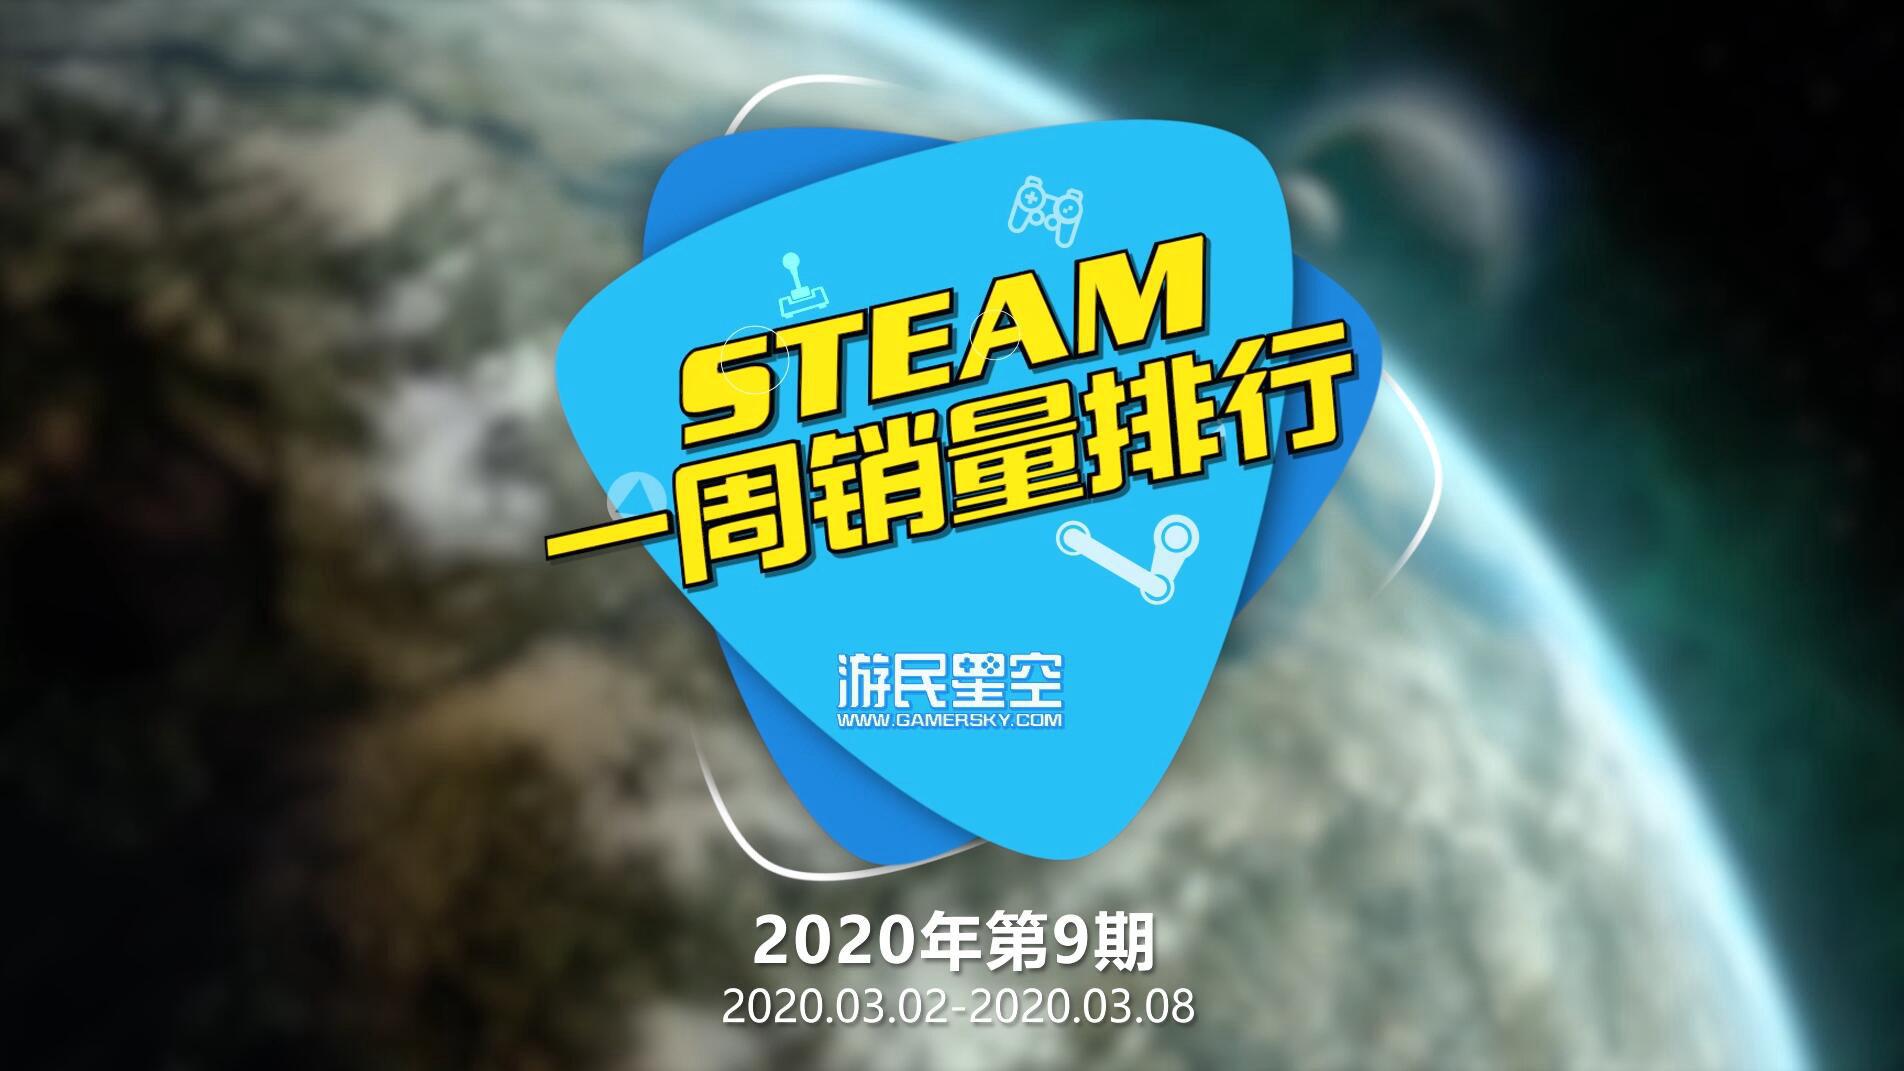 2020第九期steam排行榜:《方舟:生存进化》登顶